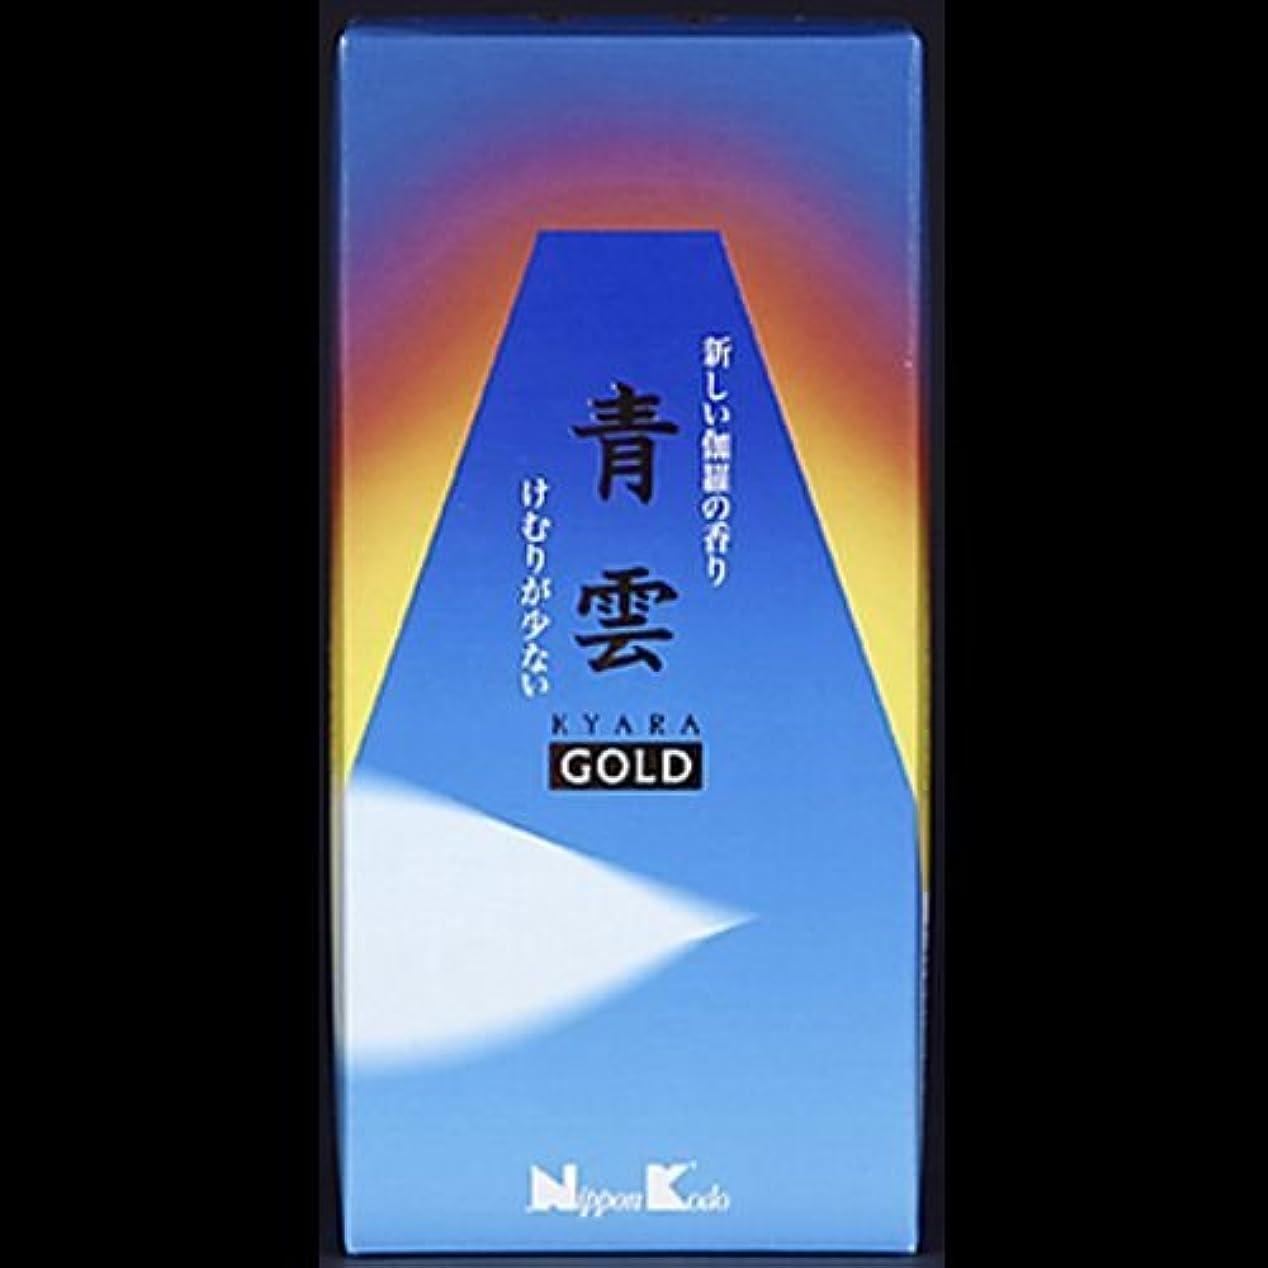 簡潔な定規内向き【まとめ買い】青雲ゴールドバラ詰め ×2セット